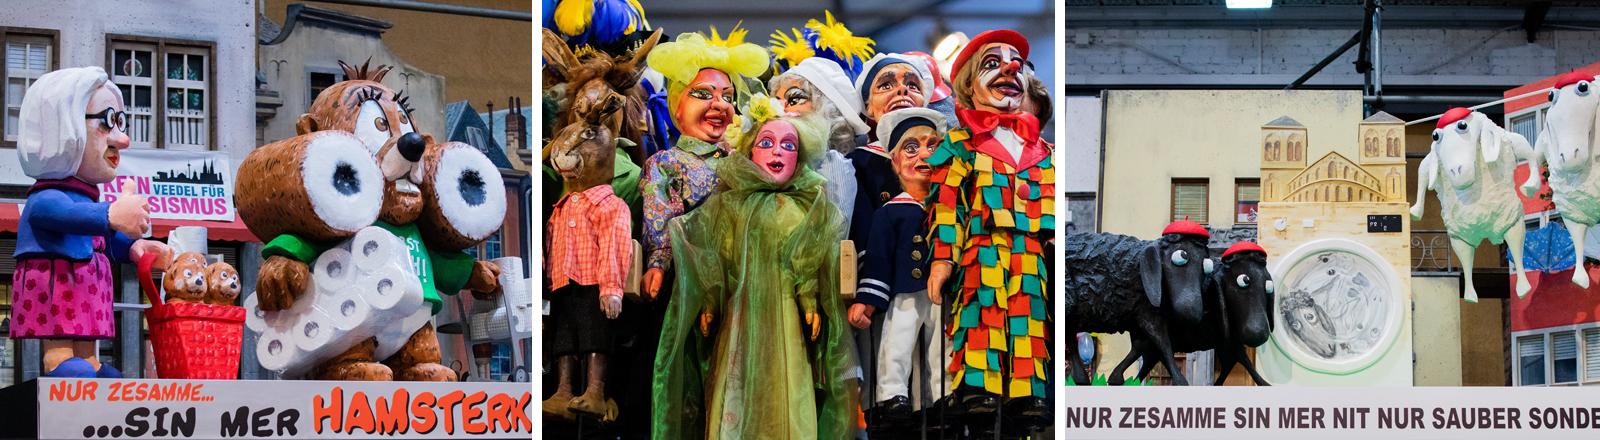 Miniaturwagen für den Rosenmontagszug mit Stabfiguren bzw. Stockpuppen im Hänneschen-Theater in Köln.